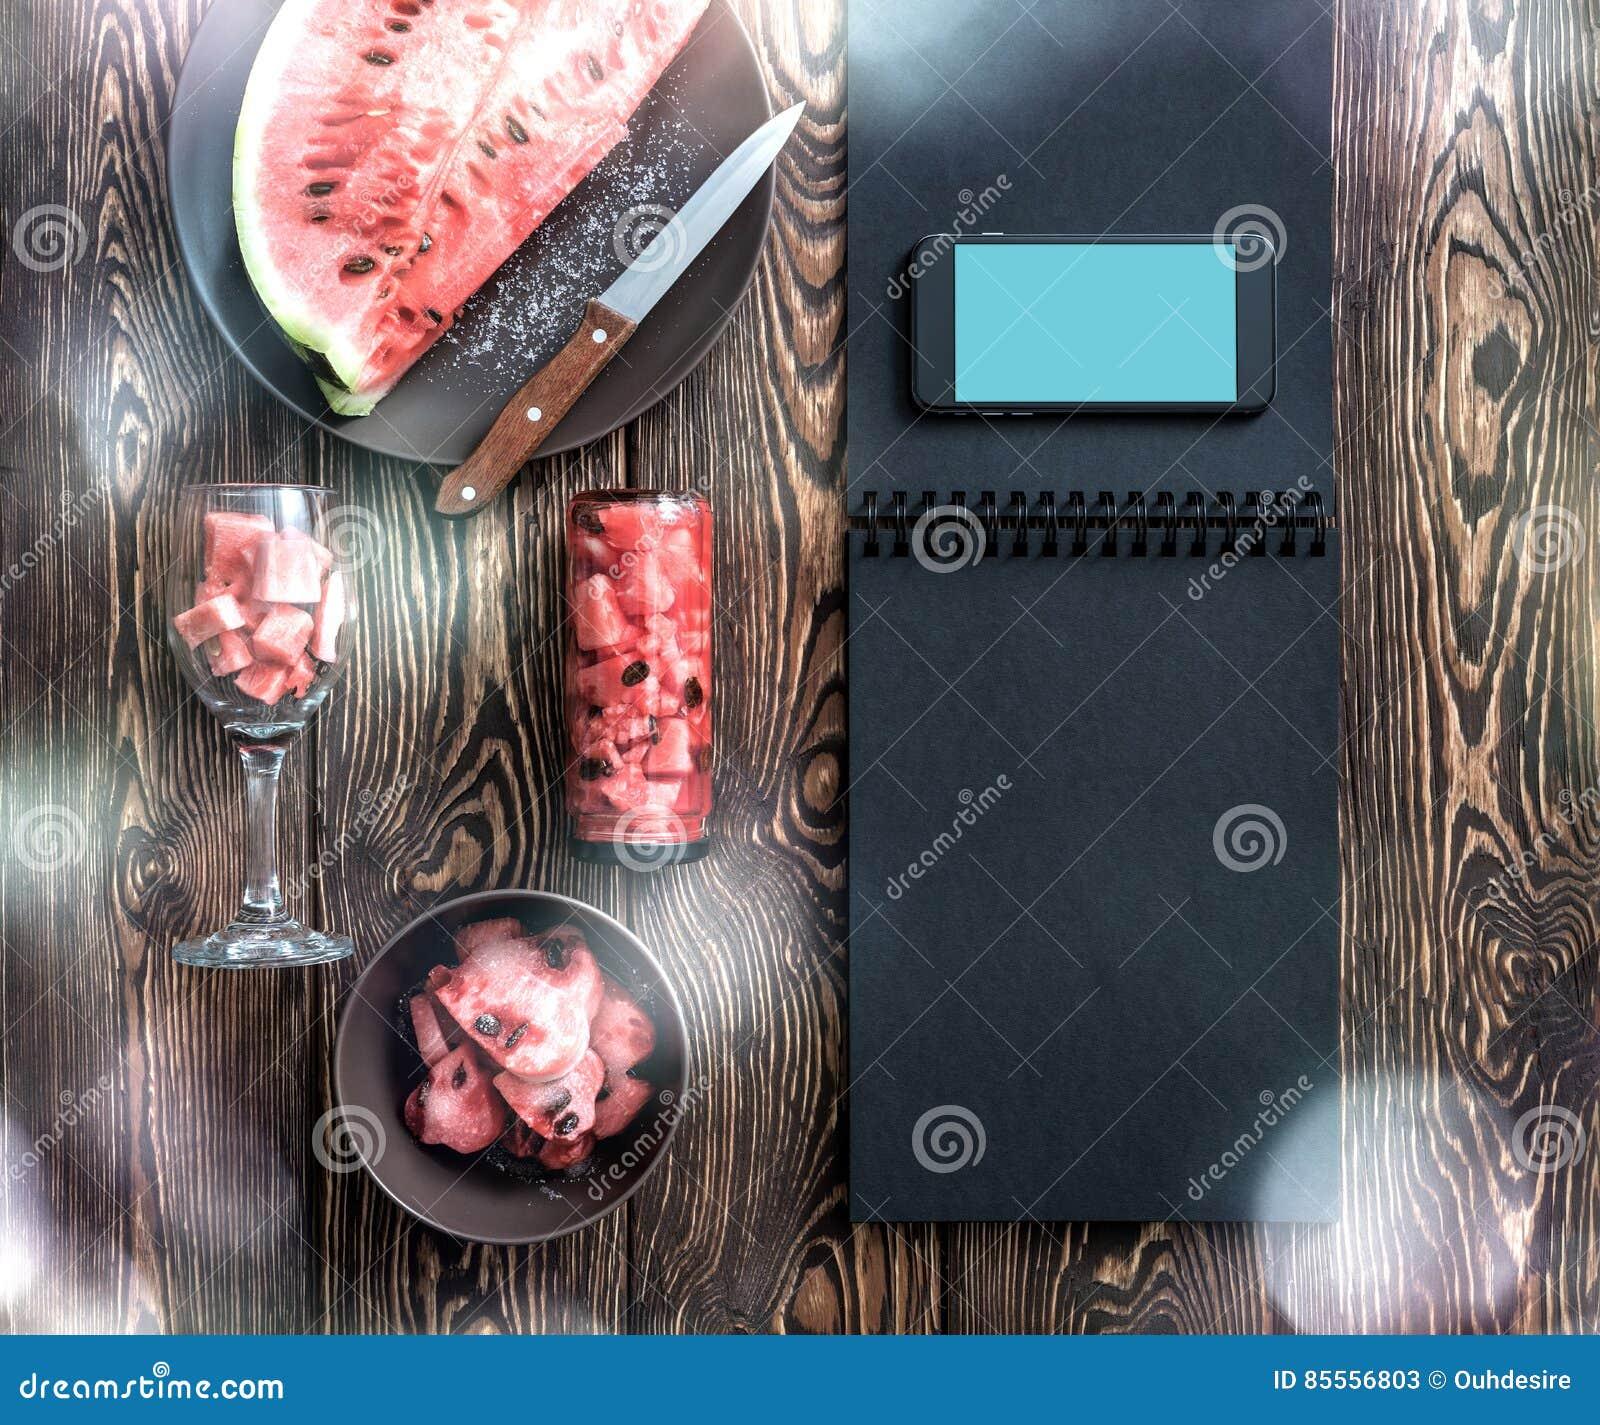 Modell des Smartphone nahe bei Wassermelonenscheiben Über Weiß